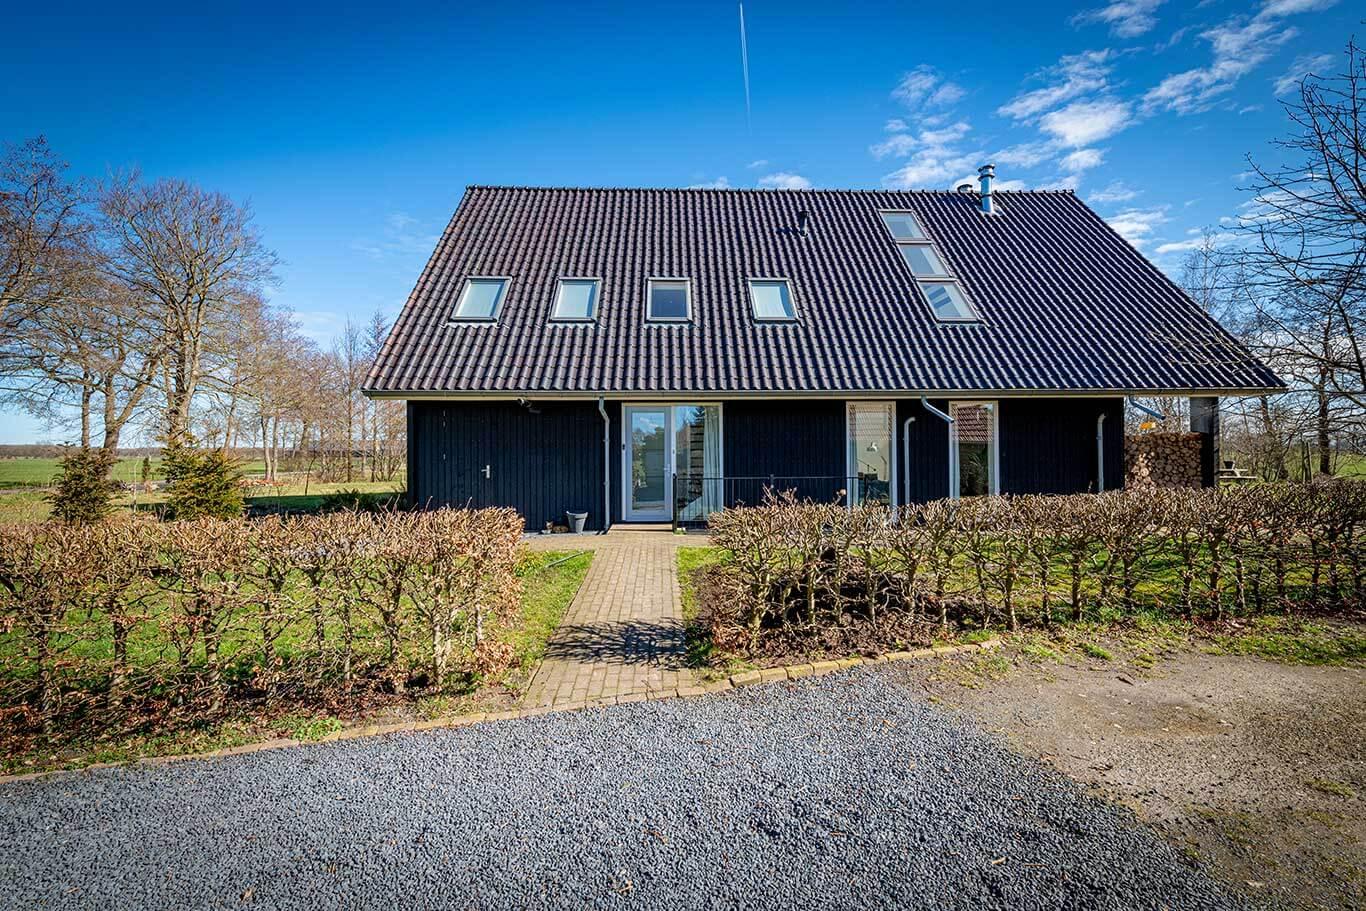 hesselmann-oldeberkoop-woonhuis-exterieur-14.jpg